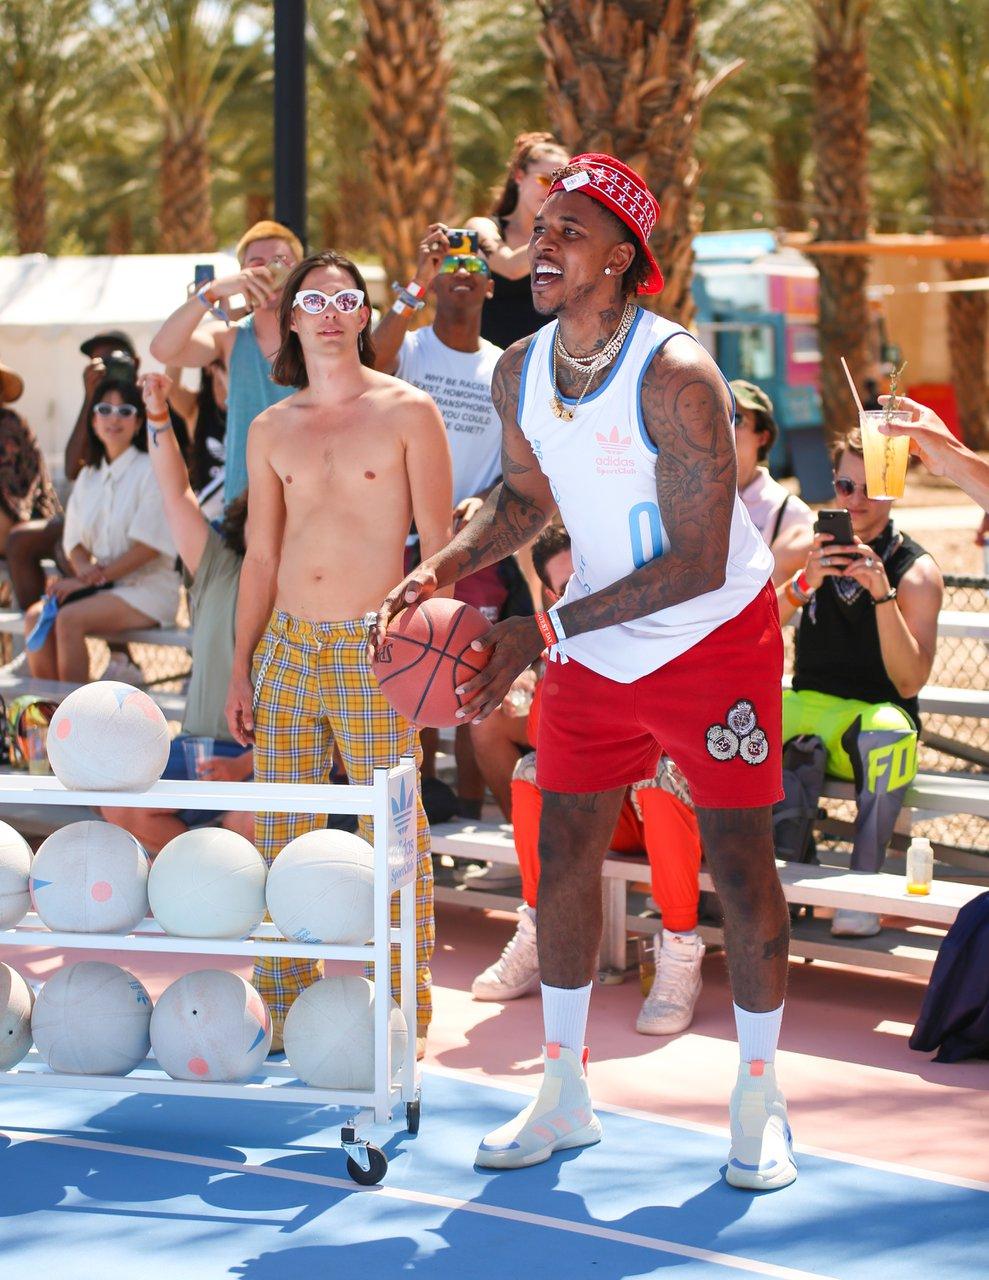 adidas Sport Club at Coachella photo 7E1B3149.jpg